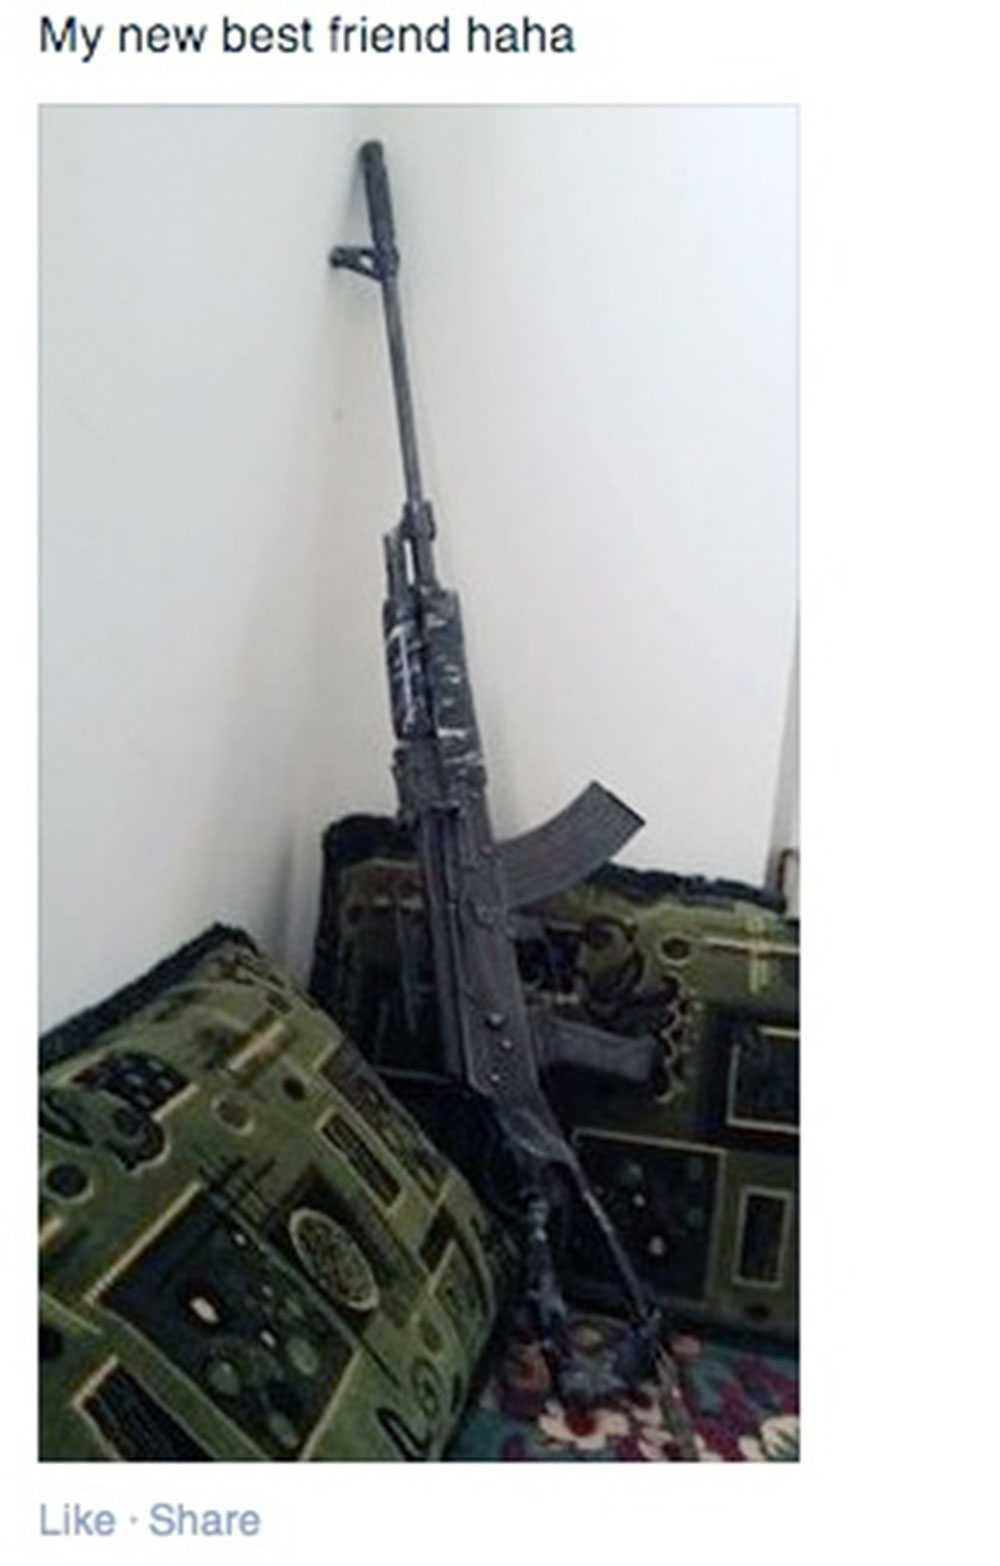 """Kvinnan har lagt upp en bild på sin Facebooksida på ett automatvapen med texten """"My new best friend haha""""."""